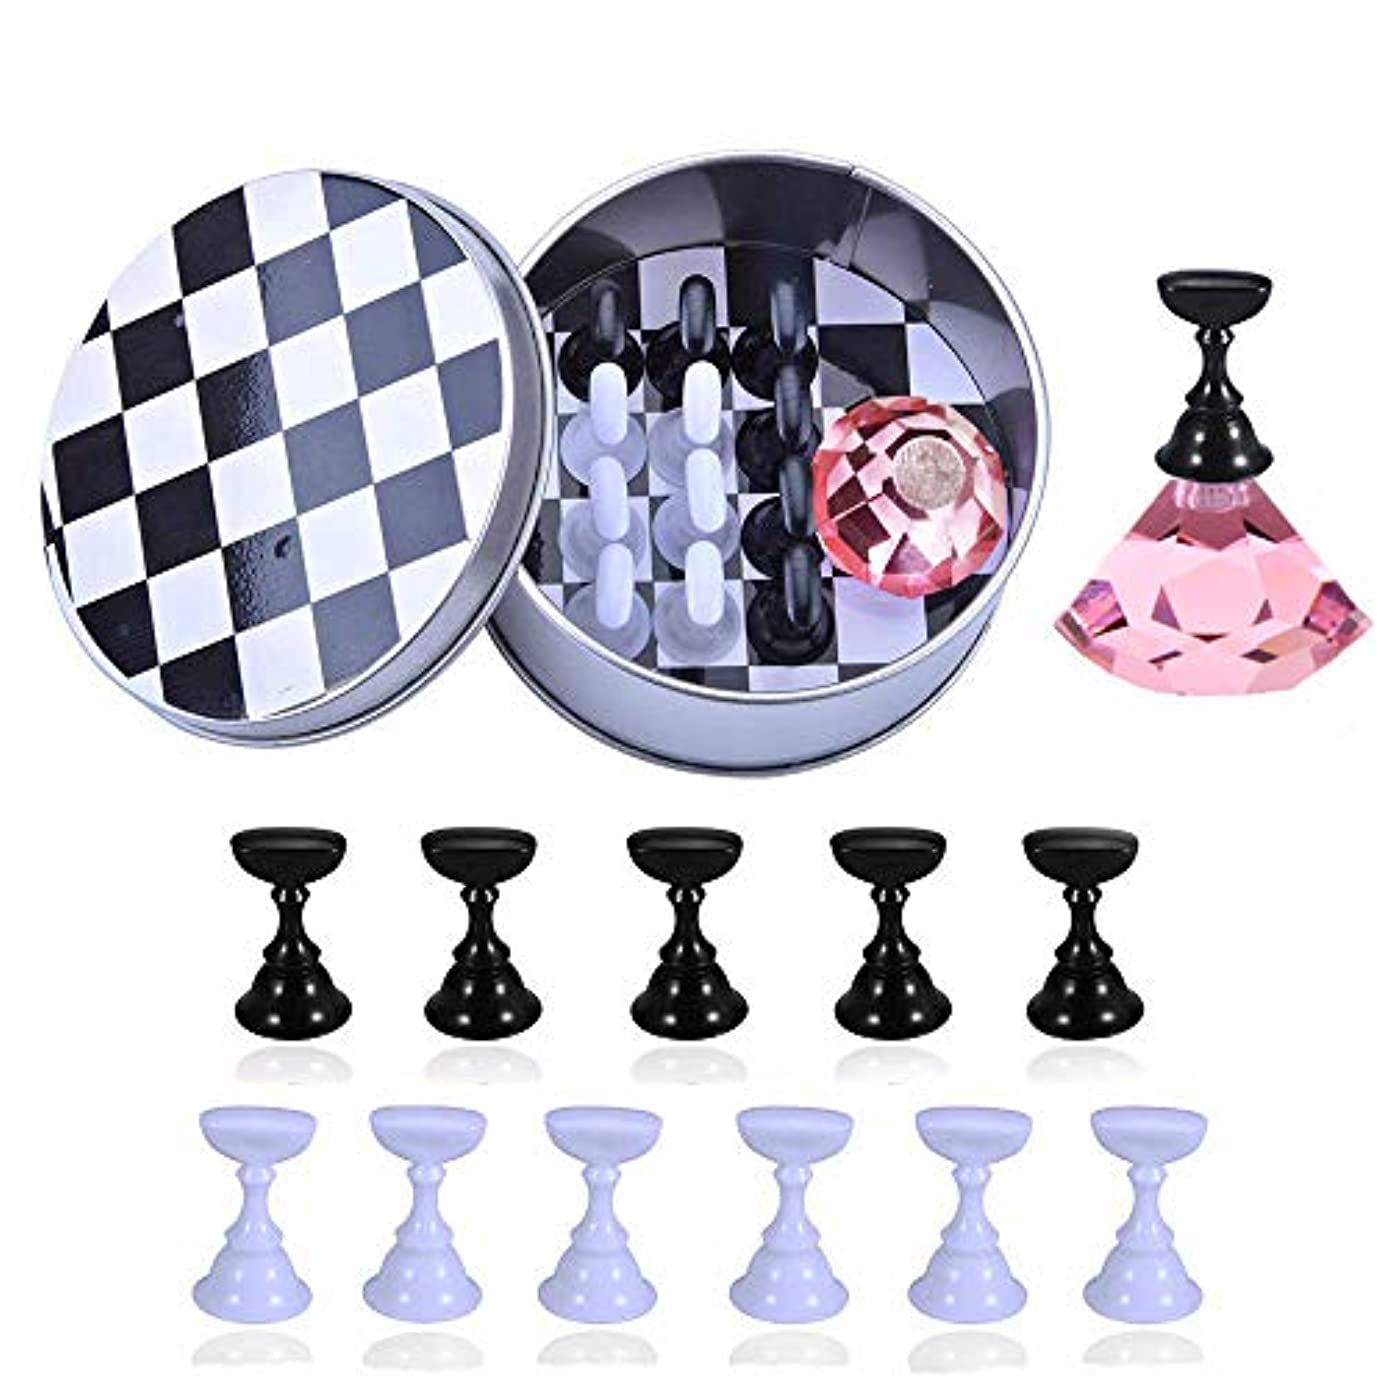 紛争学校教育敬の念12本 磁気ネイルアートディスプレイスタンド Kalolary チェスボード ネイルチップスタンド ディスプレイスタンド サンプルチップ 練習ネイルサロンツール